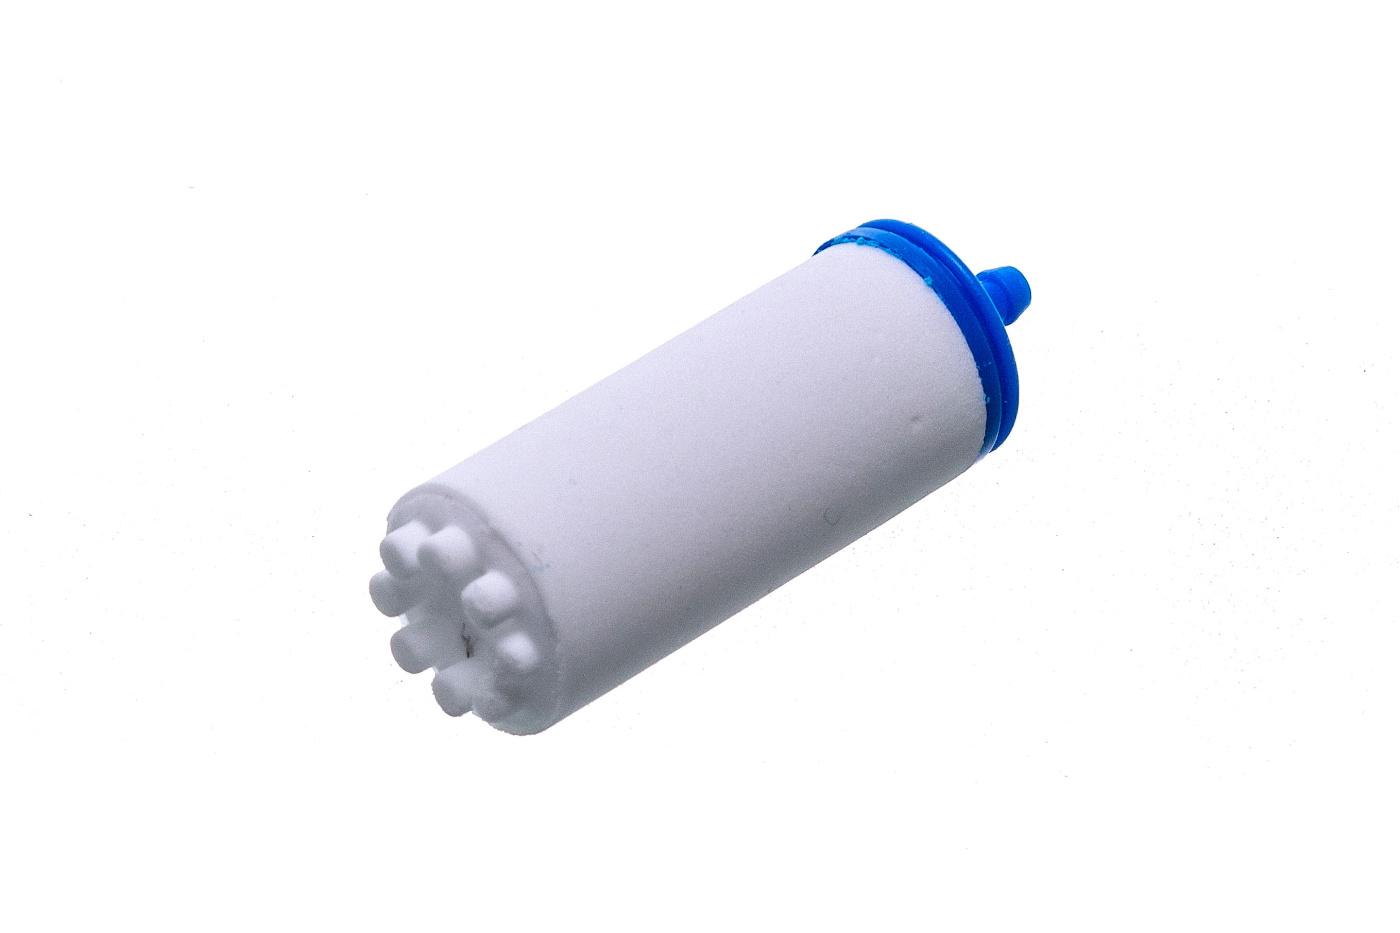 Palivový filtr Husqvarna Partner K750 K760 K1250 K1260 - 506 26 41-01